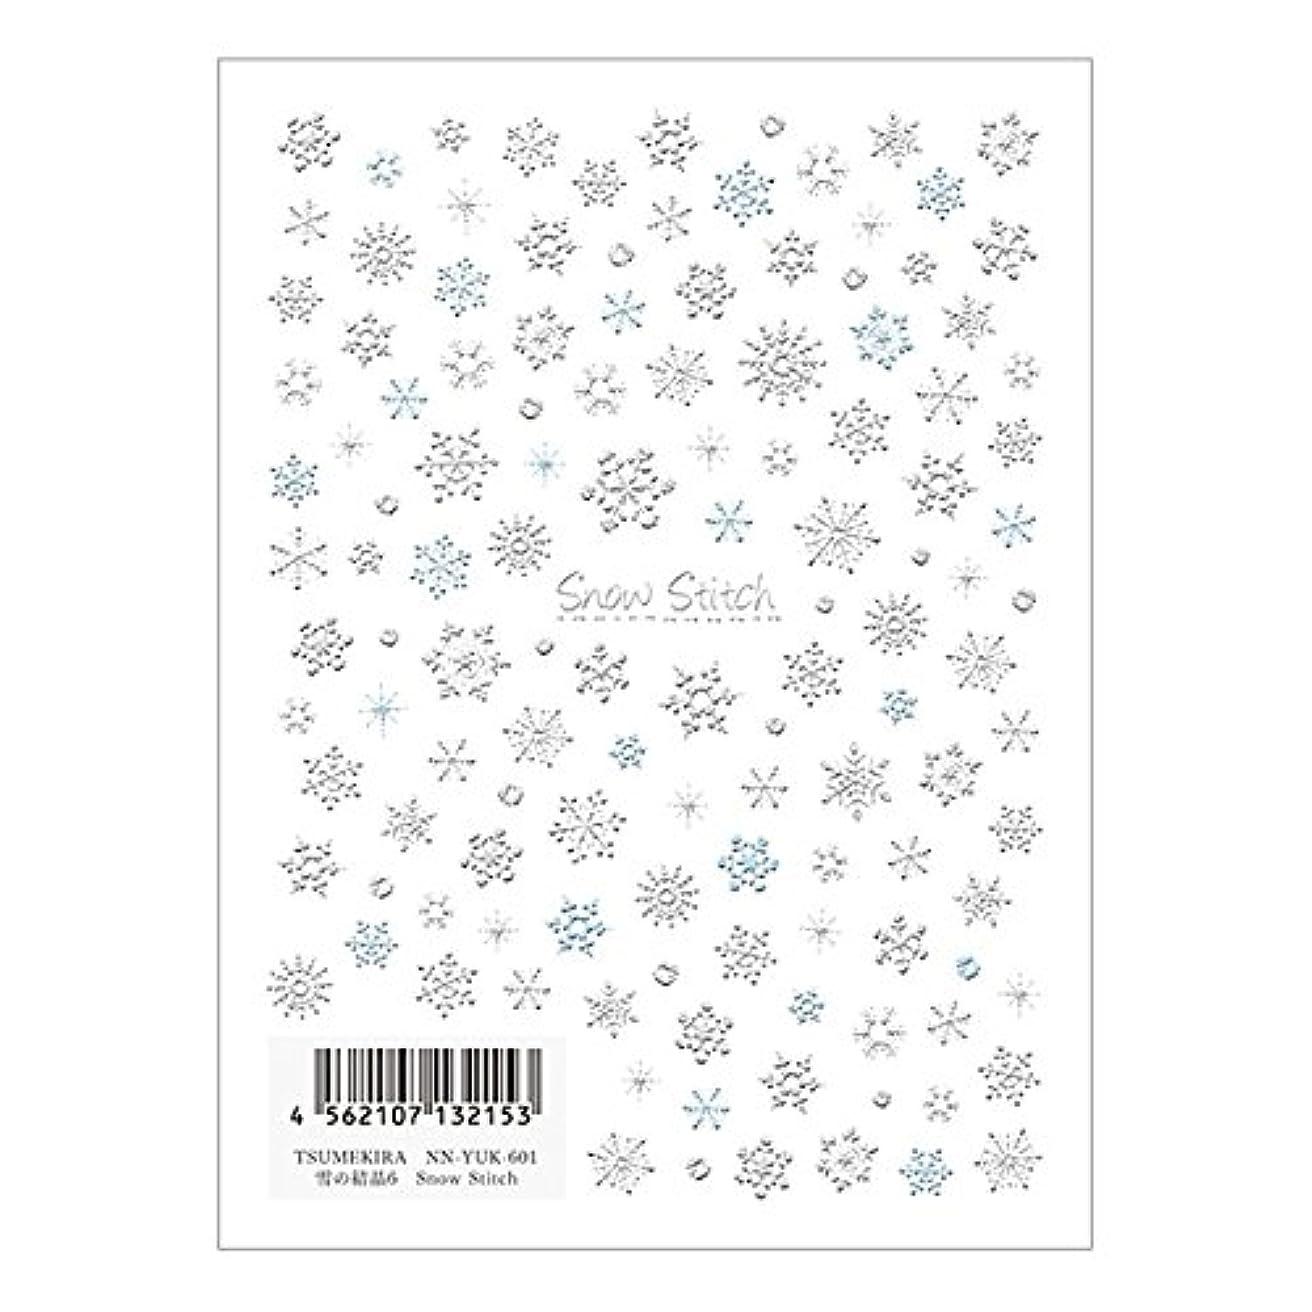 パドルリード規則性TSUMEKIRA ネイルシール雪の結晶6 NN-YUK-601